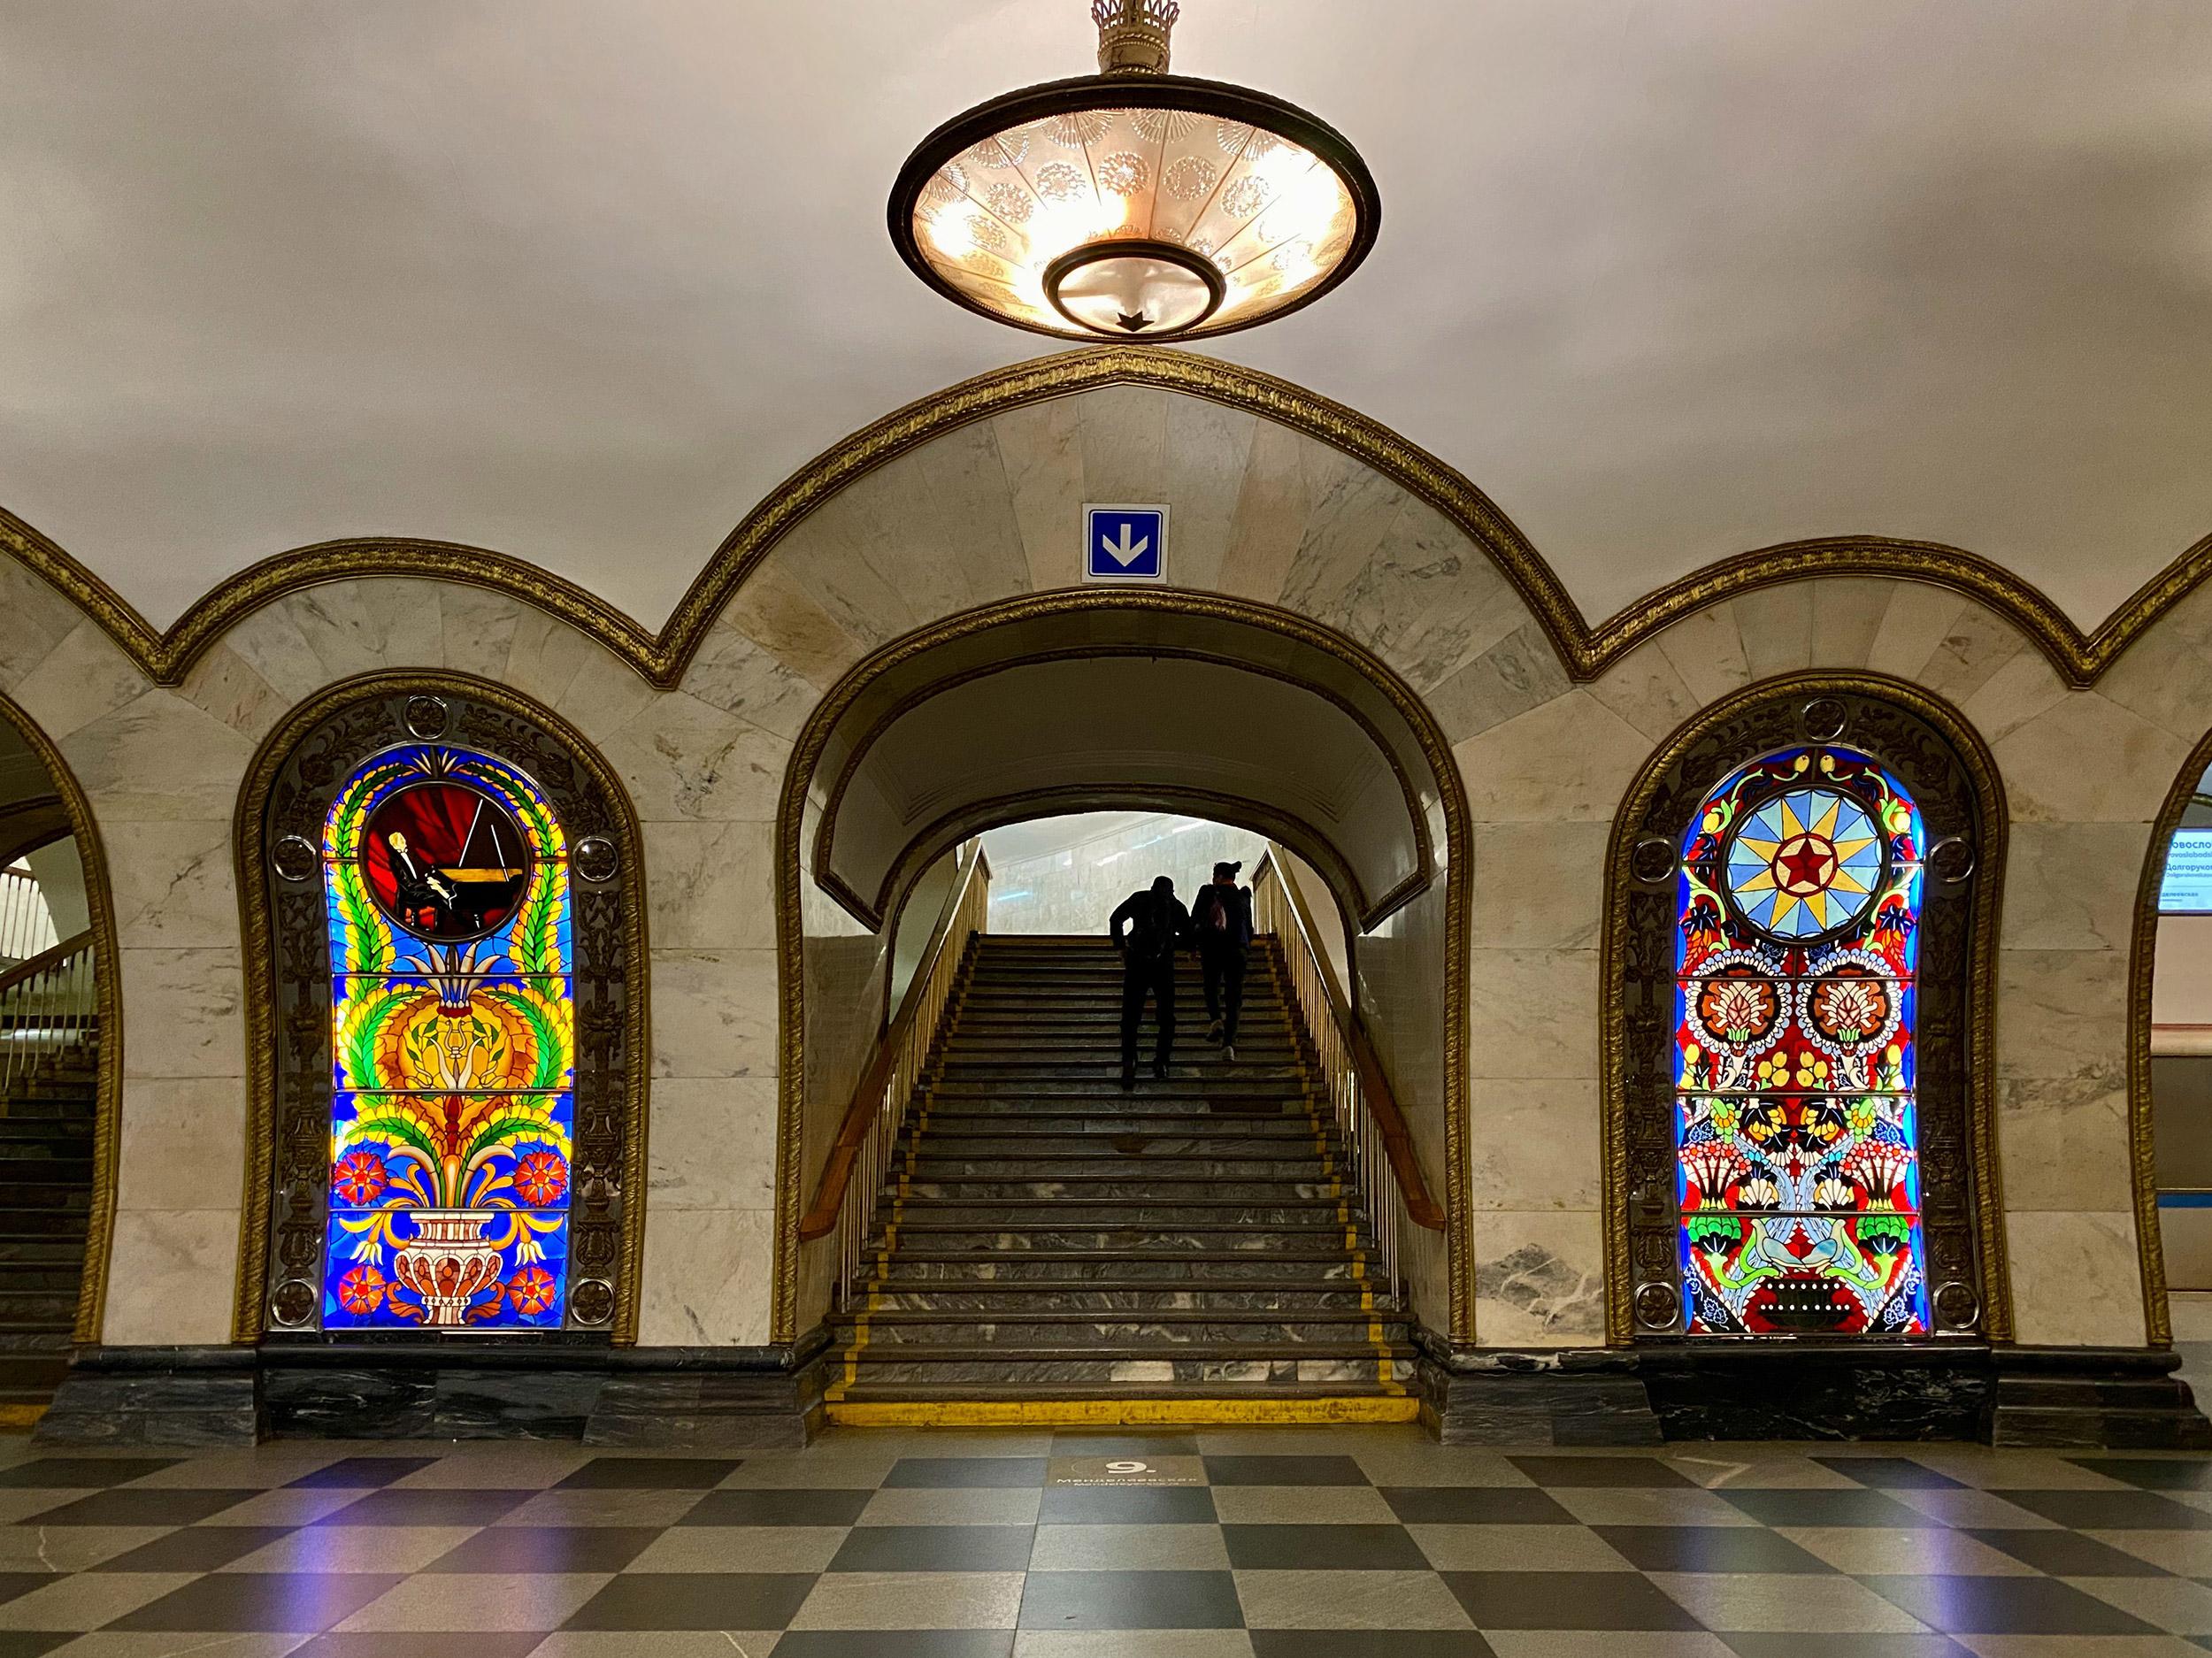 срочное фото метро новослободская можете заказать